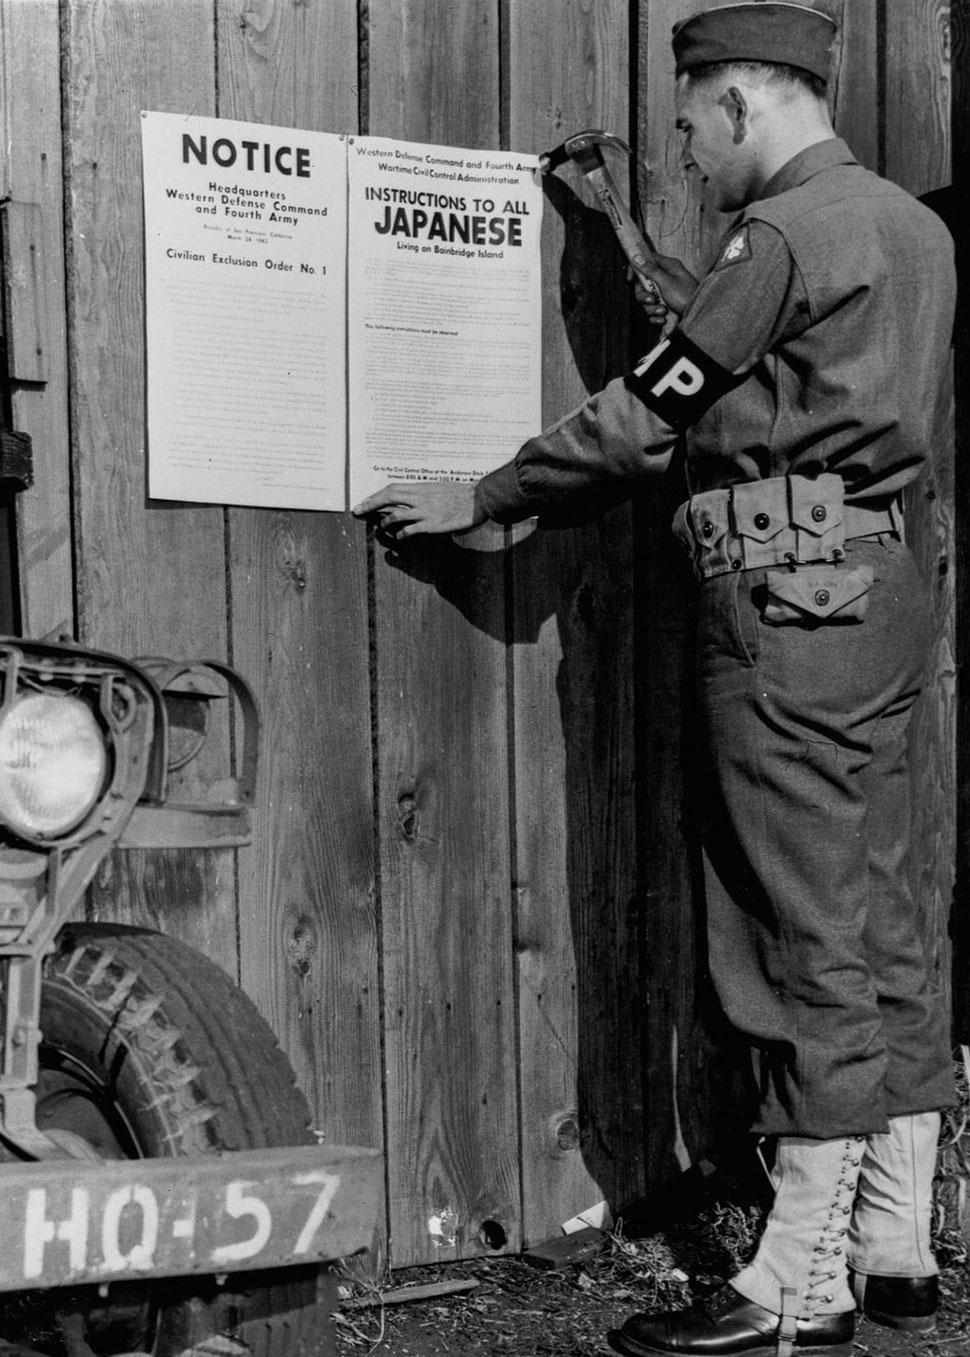 Сотрудник военной полиции вывешивает указ о лишении прав группы граждан номер 1, который требует эва